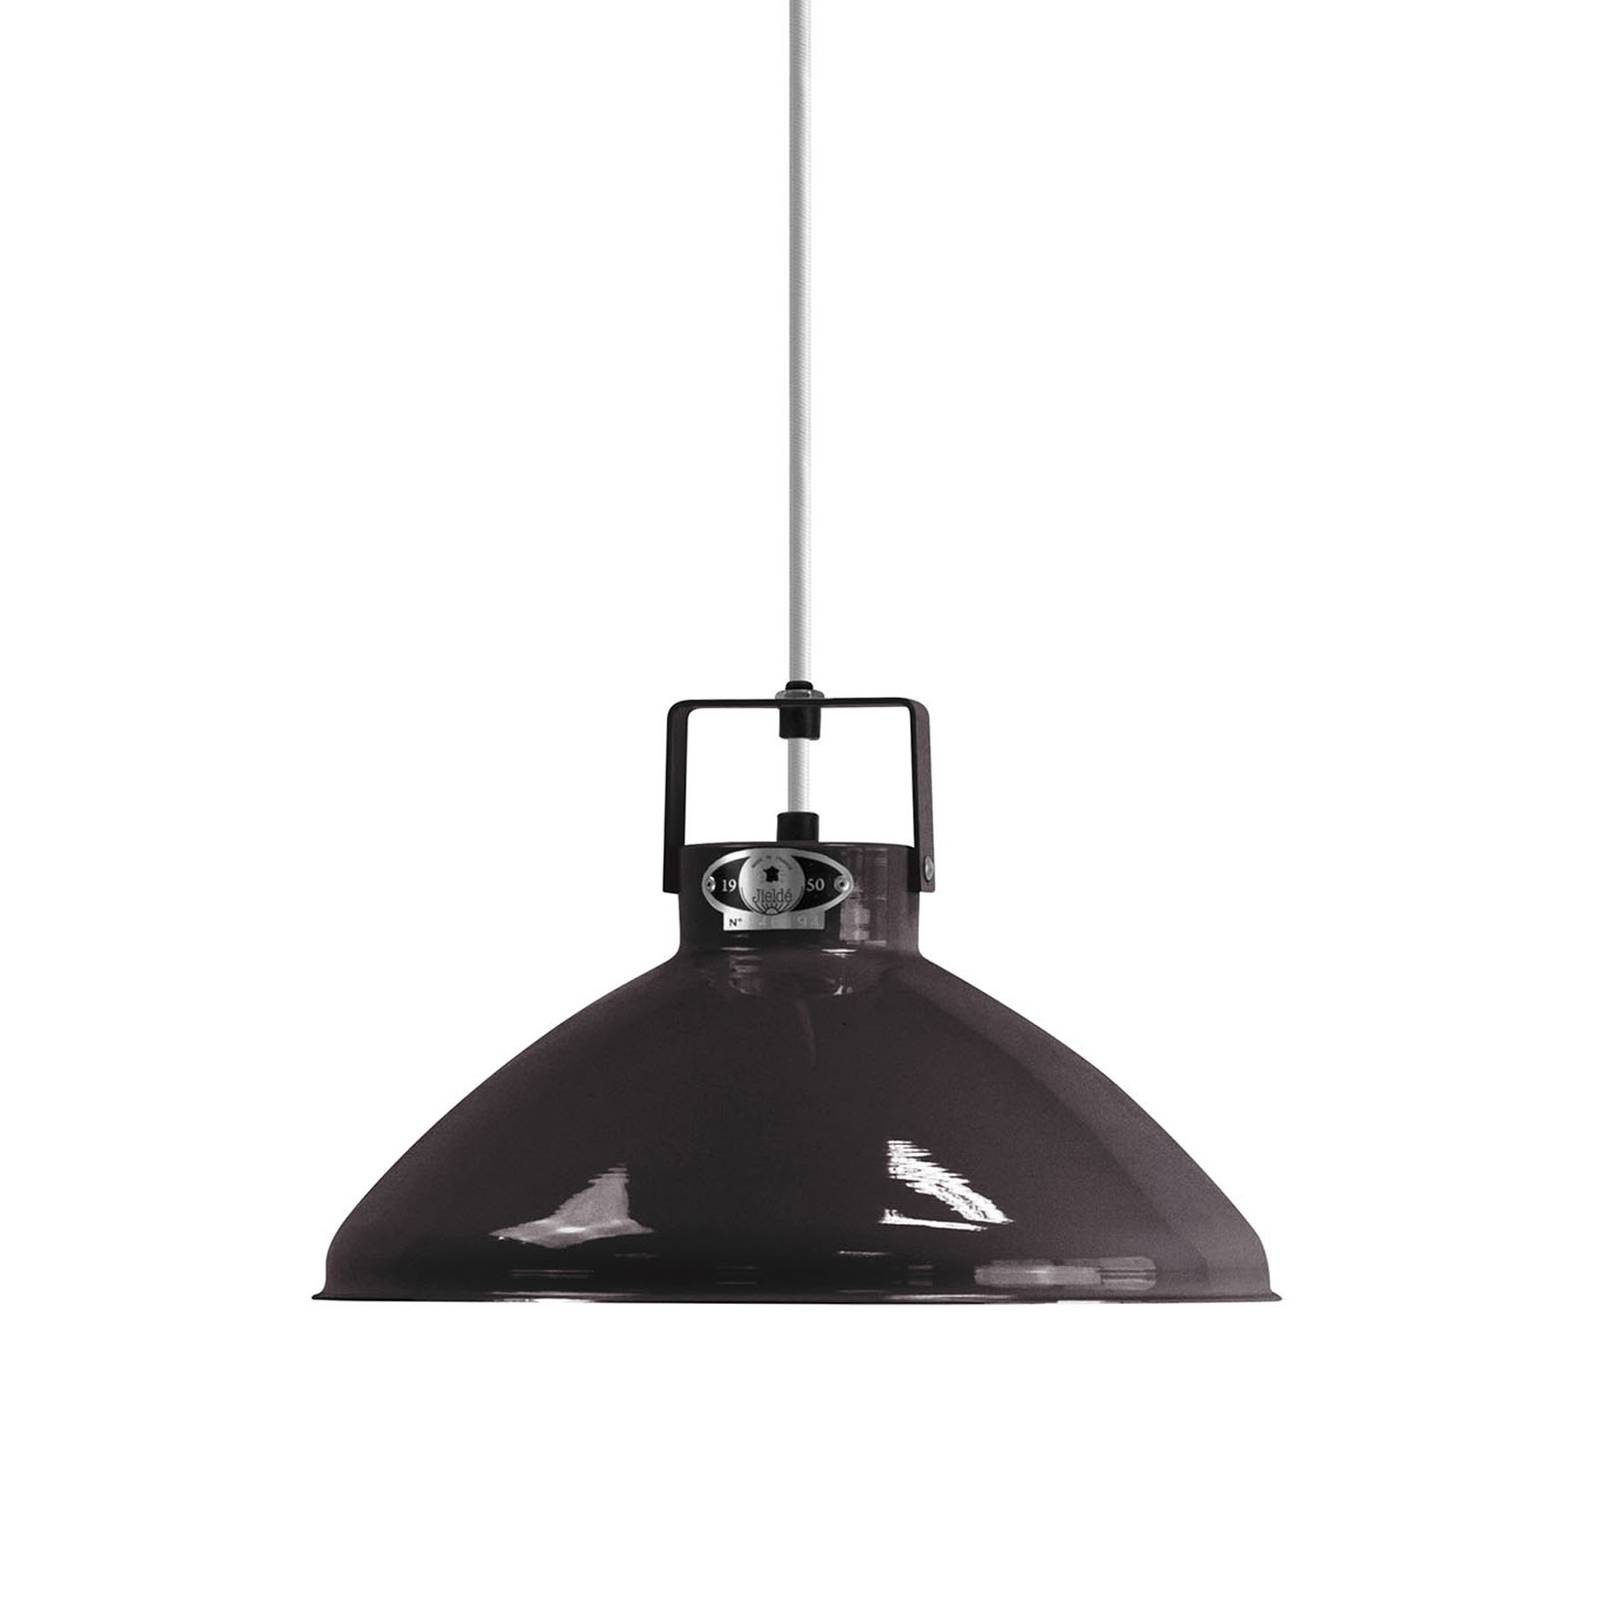 Jieldé Beaumont B240 lampa wisząca czarna lśniąca